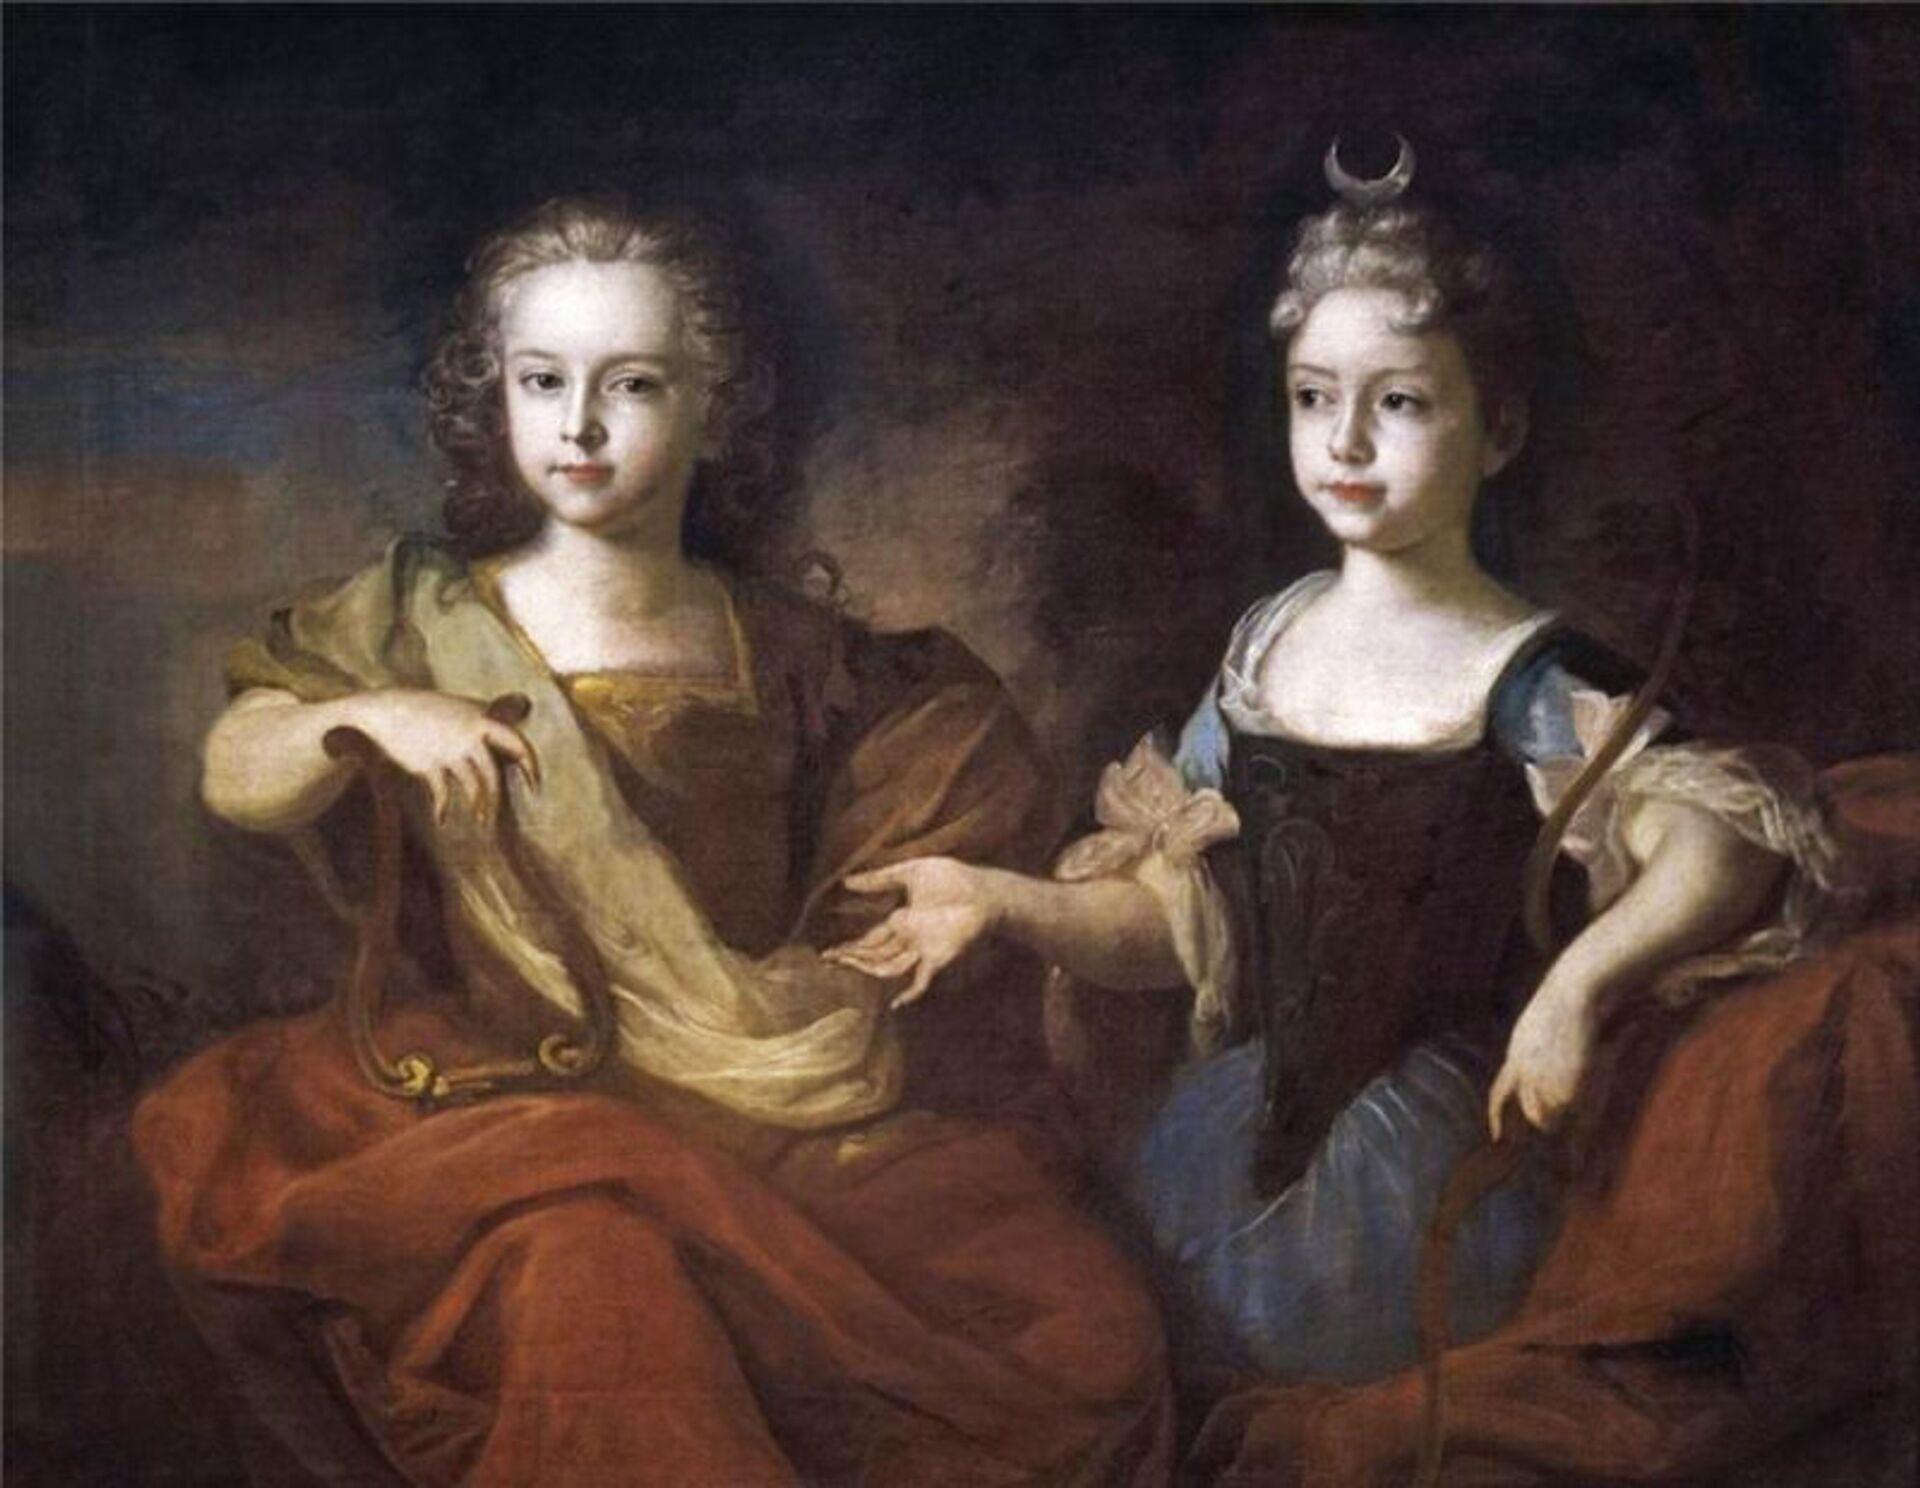 Луи Каравак. Пётр II и сестра Наталья в детстве. 1722 г. - РИА Новости, 1920, 14.10.2020